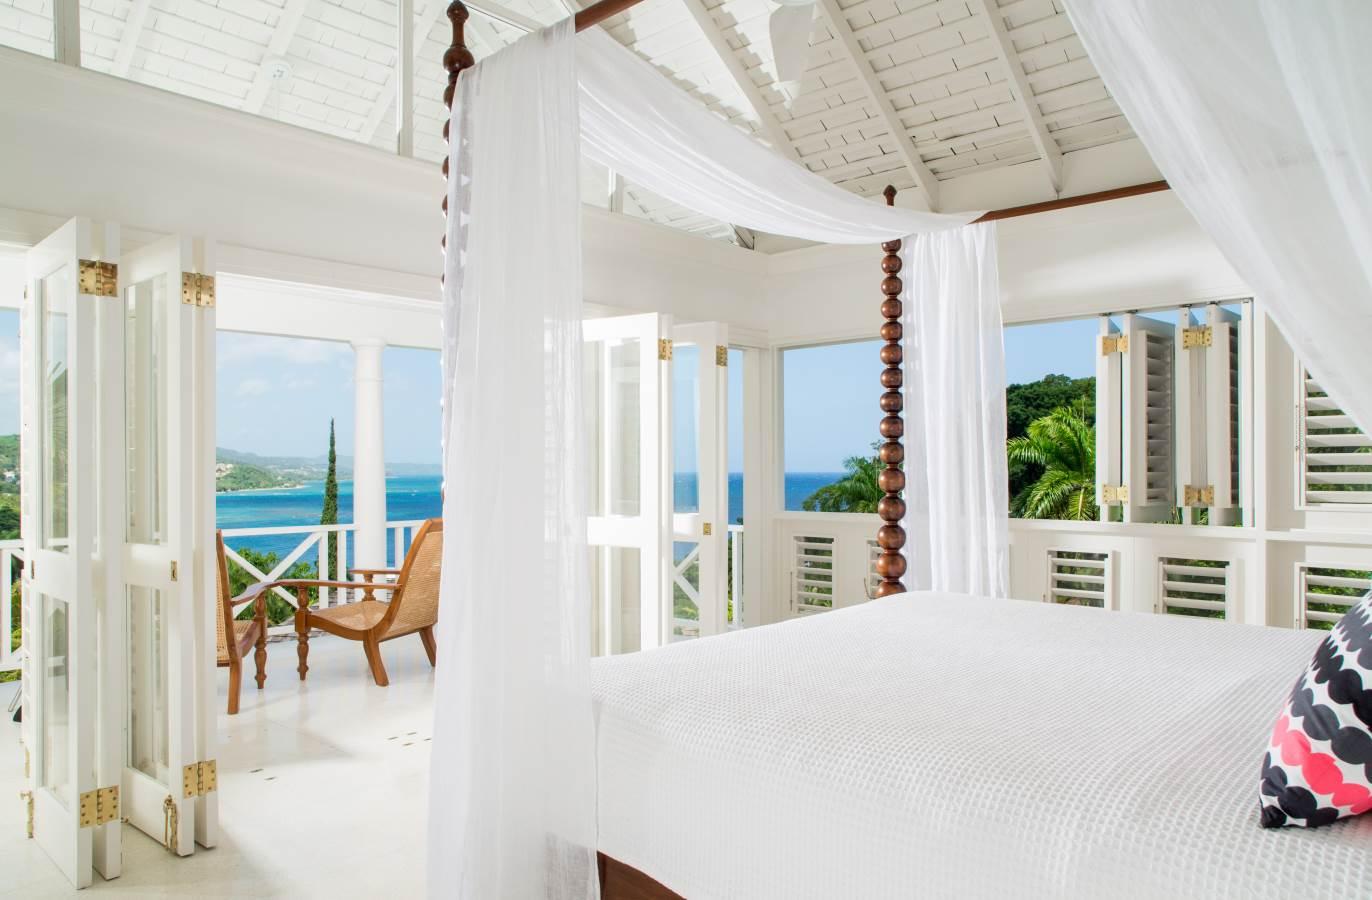 Round Hill Hotels & Villas Jamaica - Luxury Hotels - Fashion Designer Hotels - ralph lauren hotels - most beautiful hotels in jamaica - luxury furniture